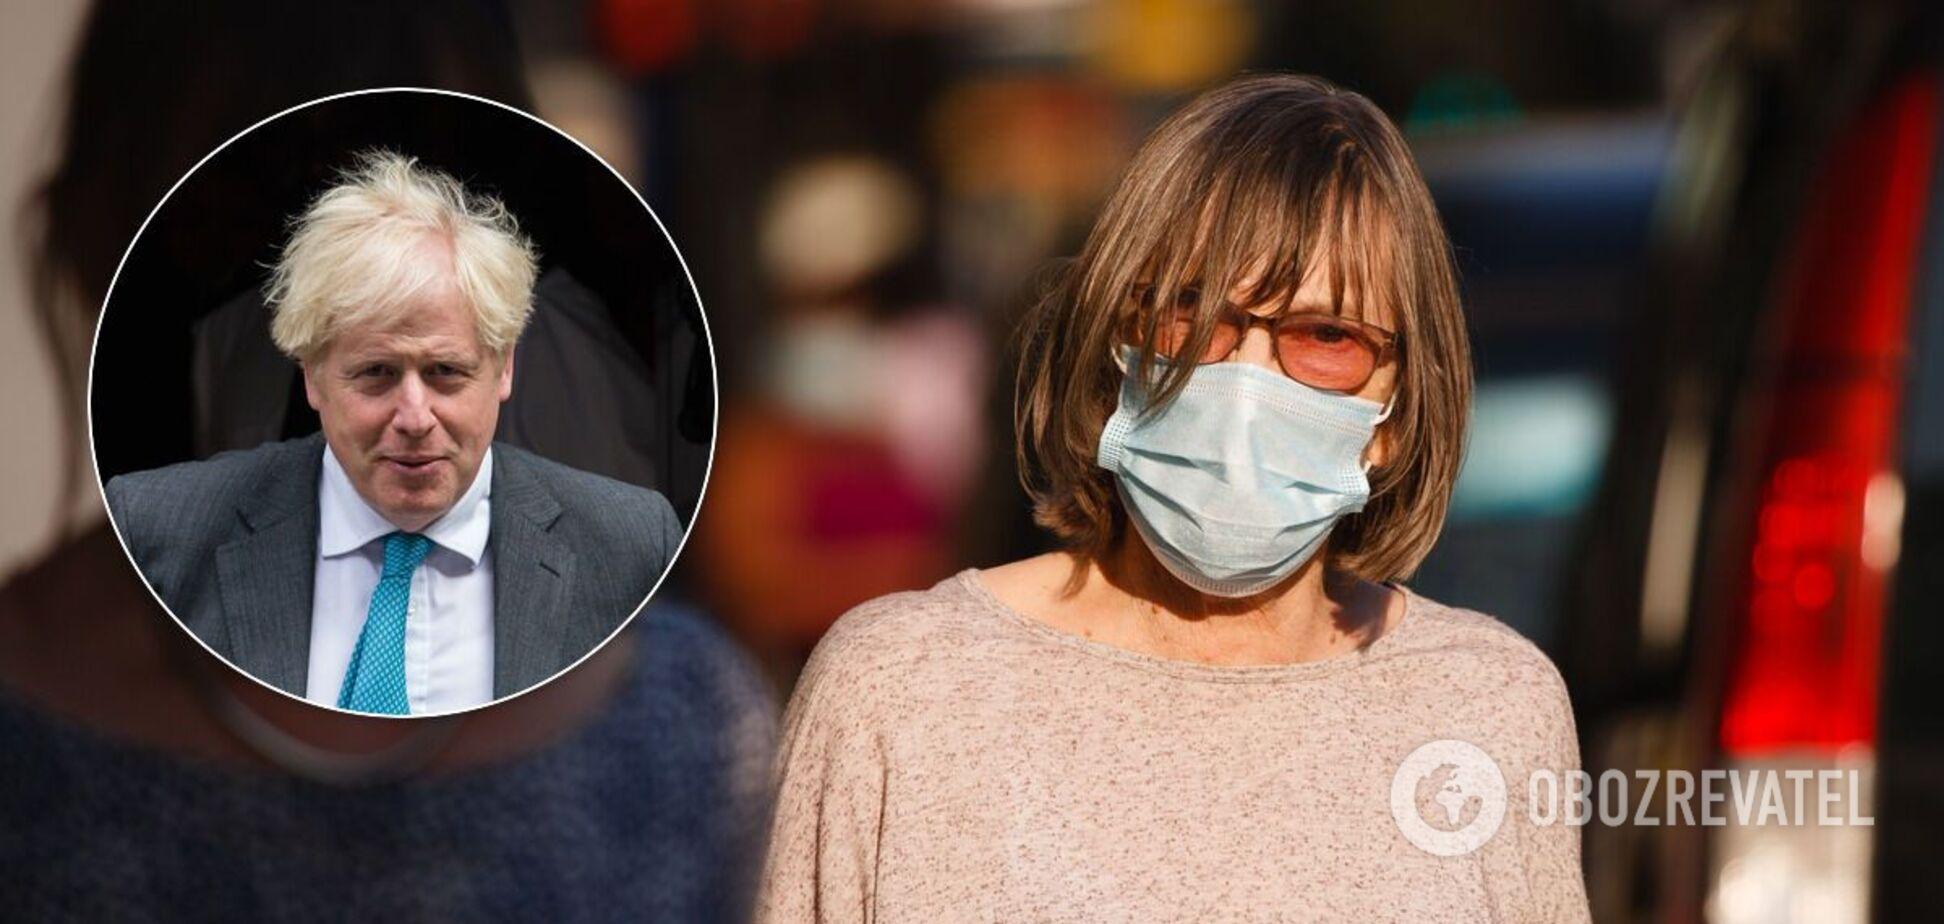 Прем'єр Британії оголосив про початок другої хвилі коронавірусу